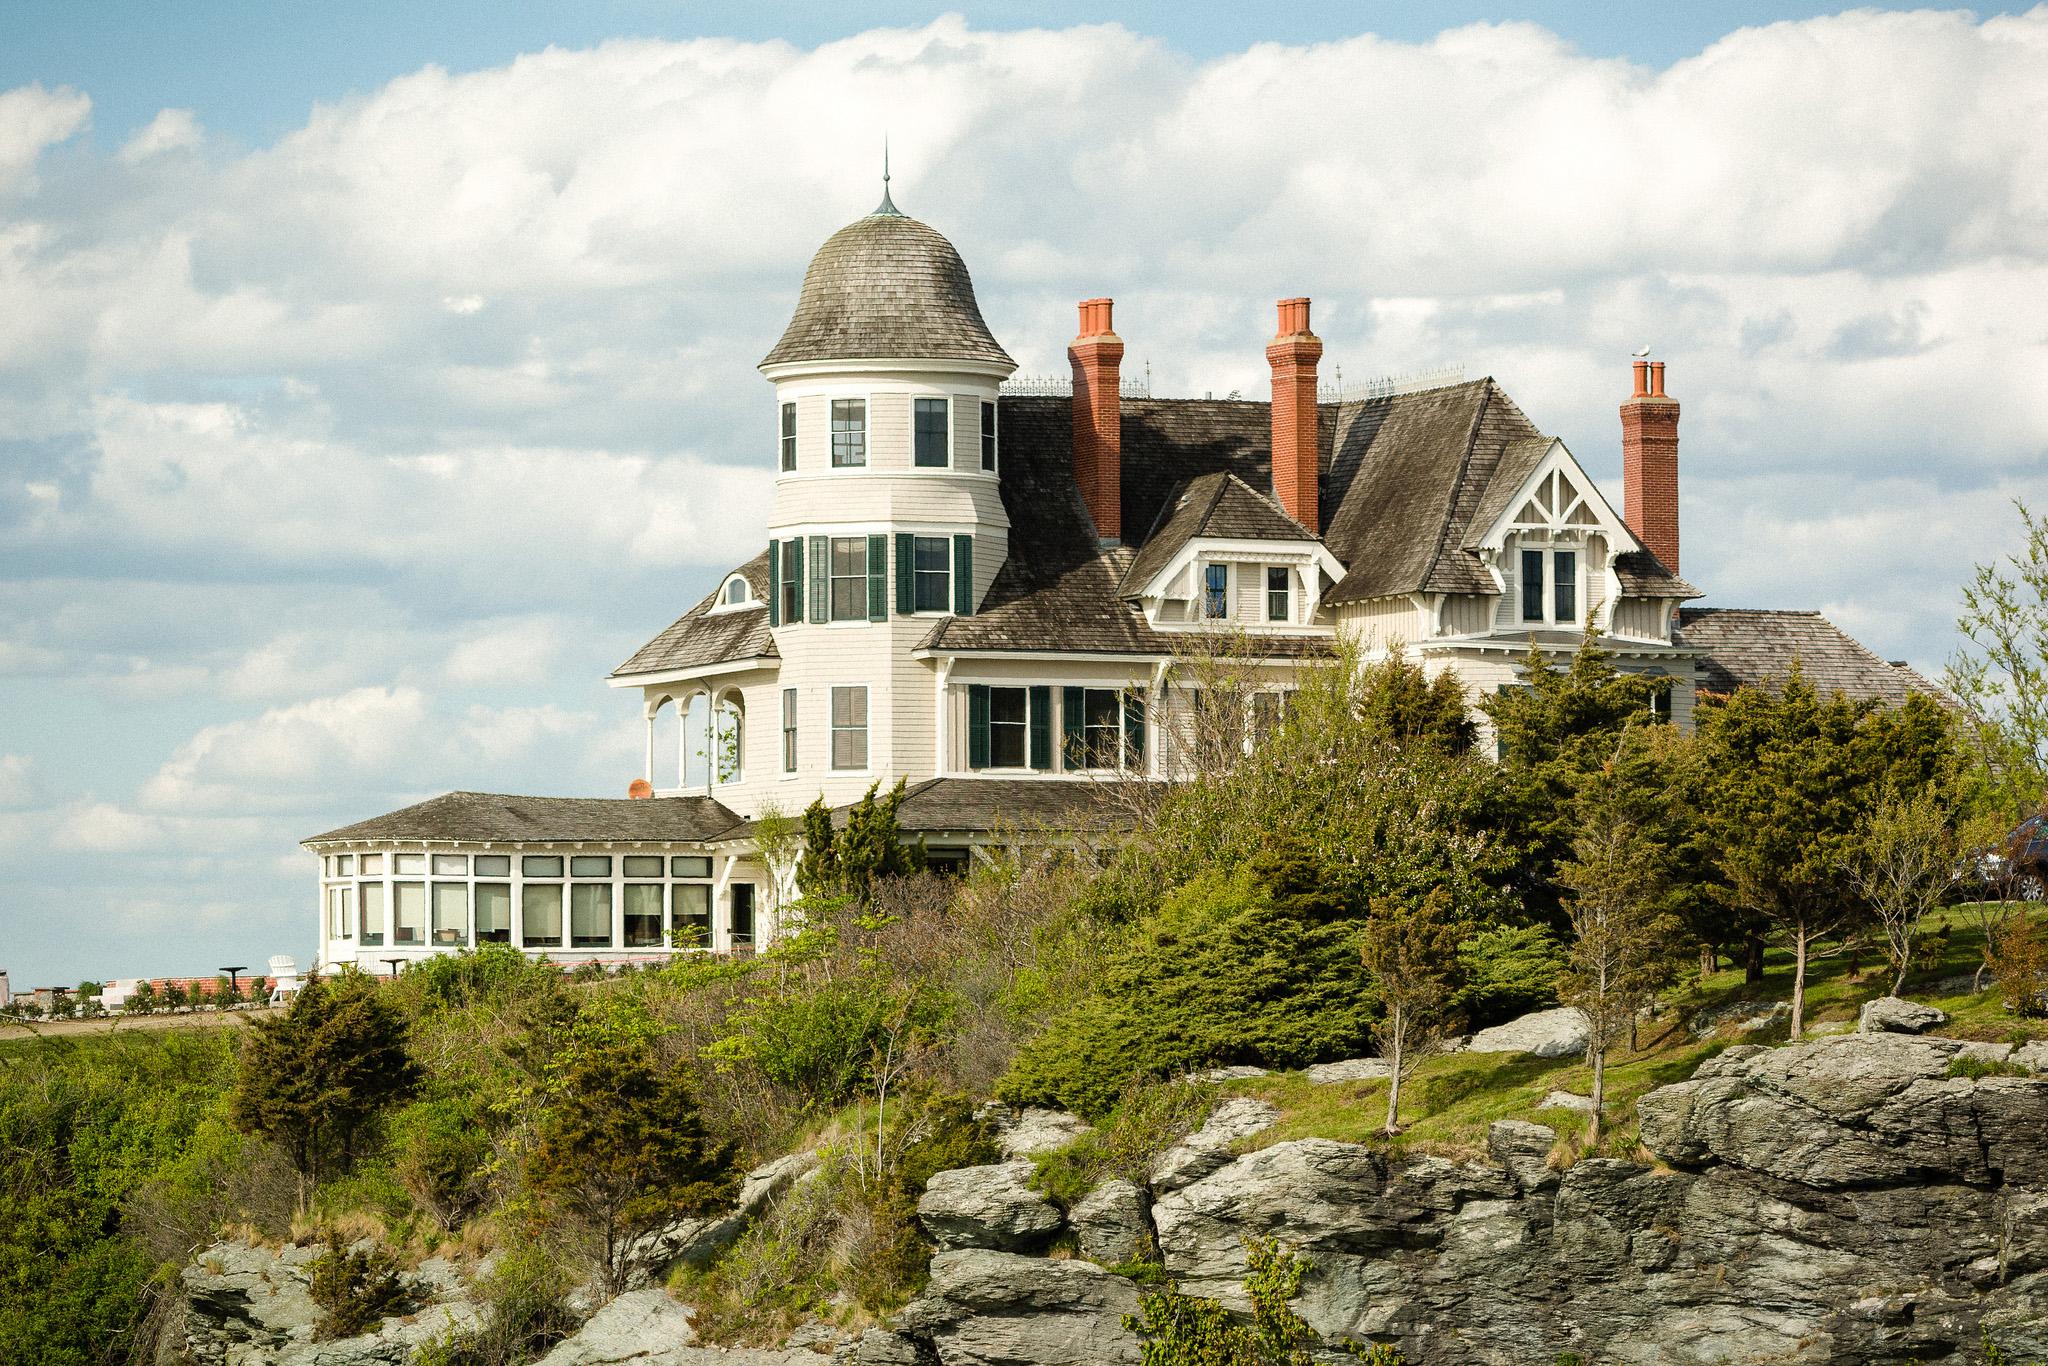 Castle Hill Inn Newport Ri Timothy Burling Flickr